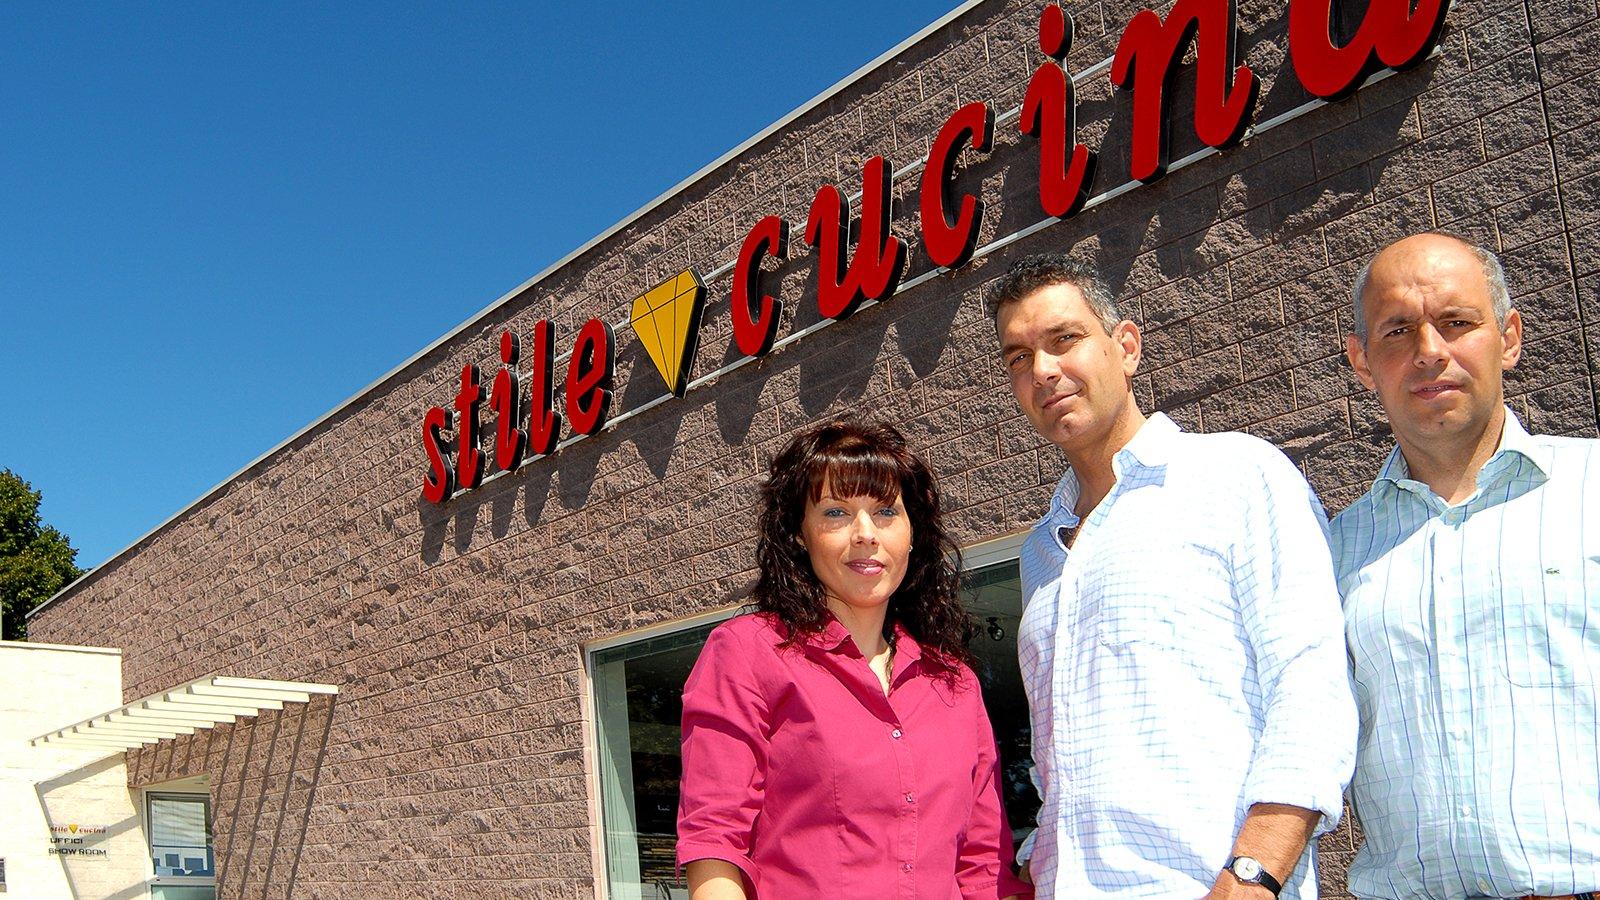 Una donna e due uomini davanti a uno showroom e una scritta Stile Cucina